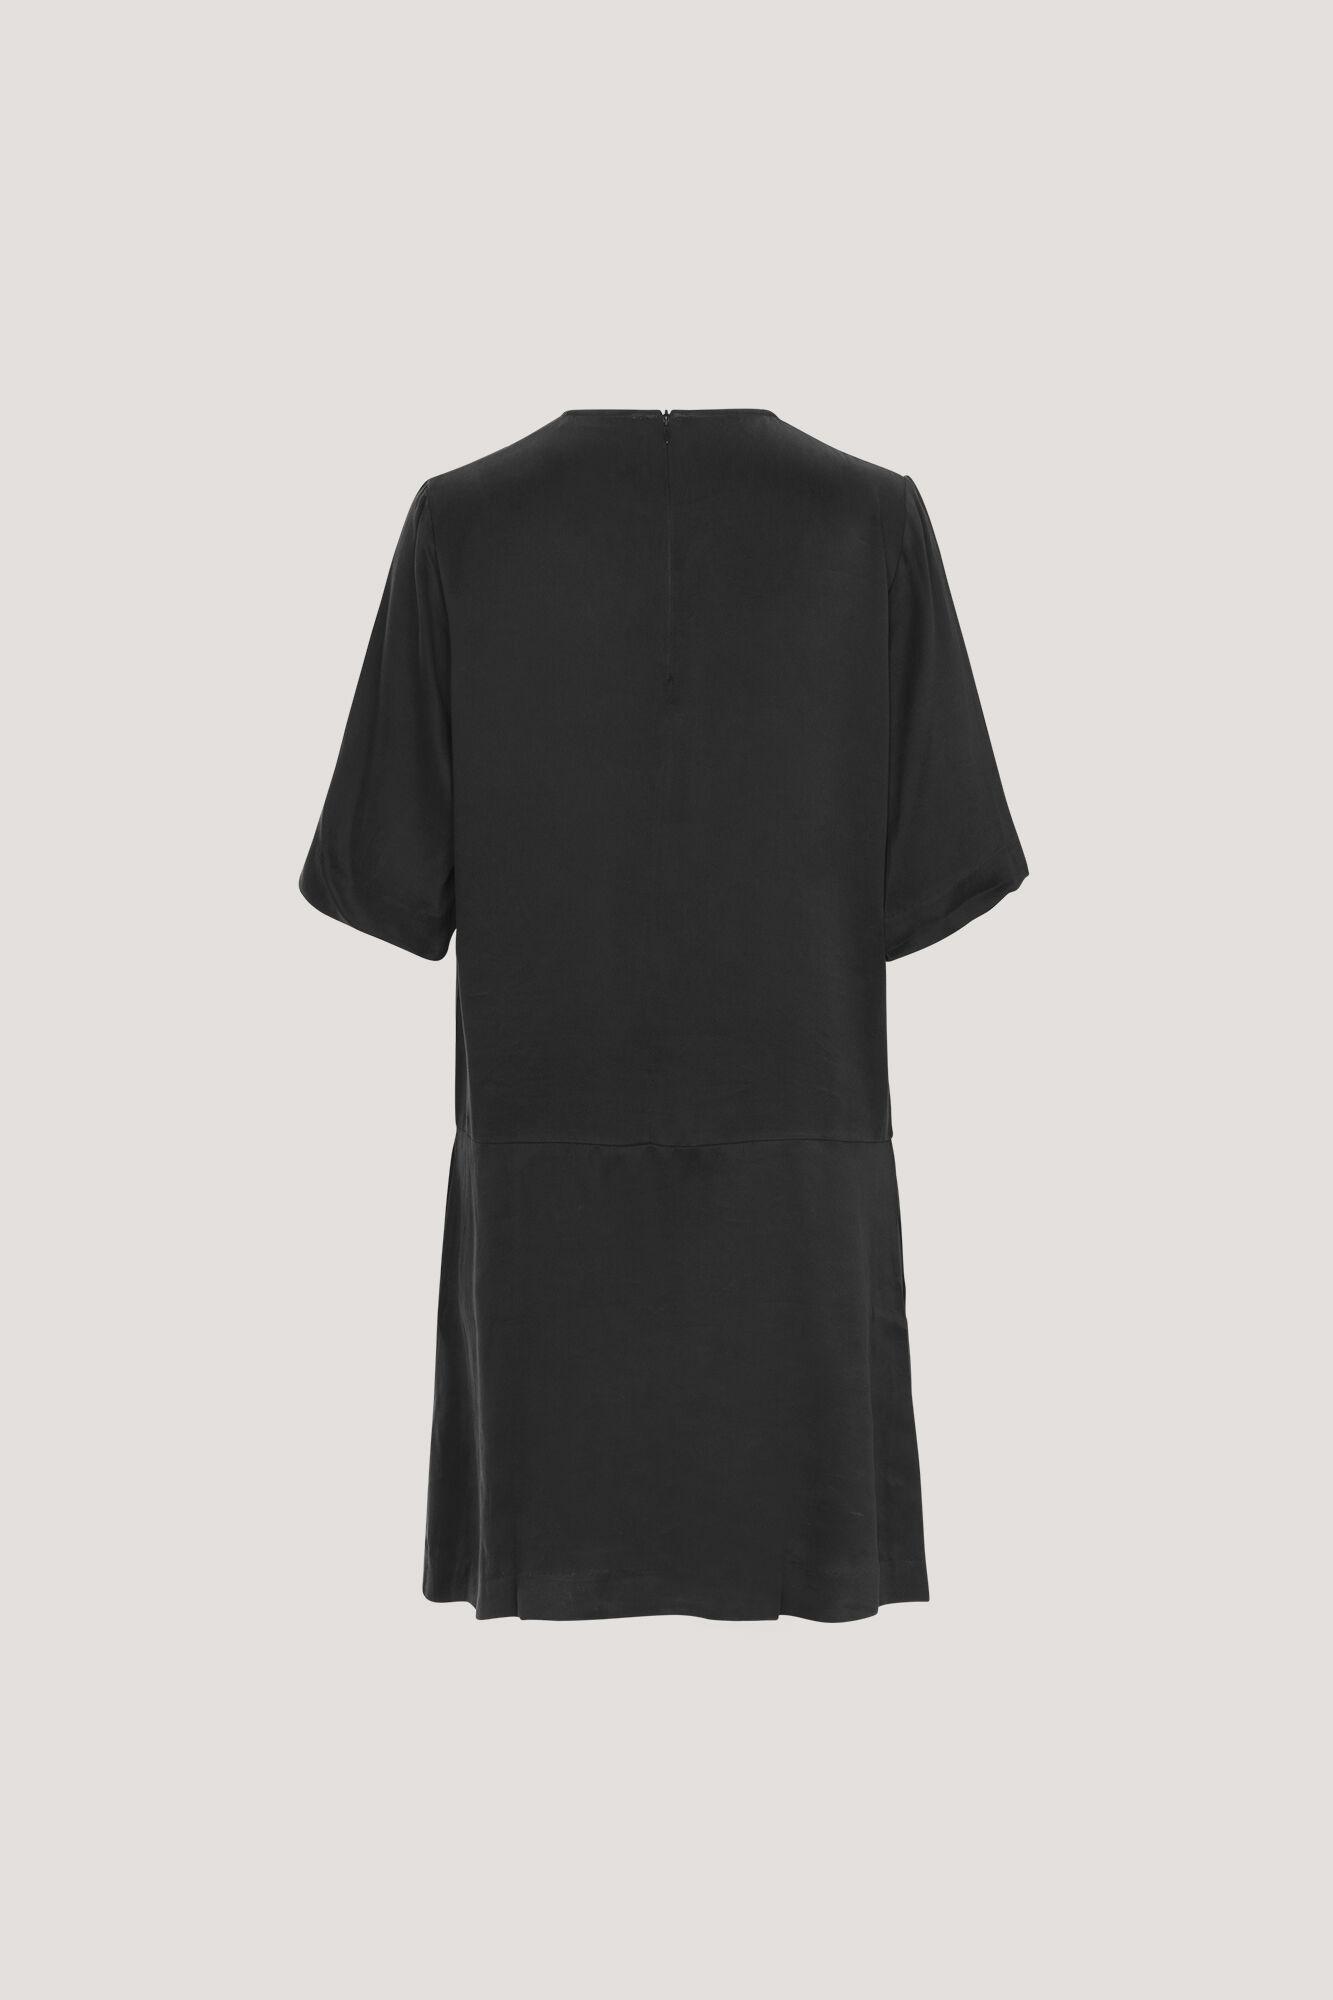 Adelaide dress 9941